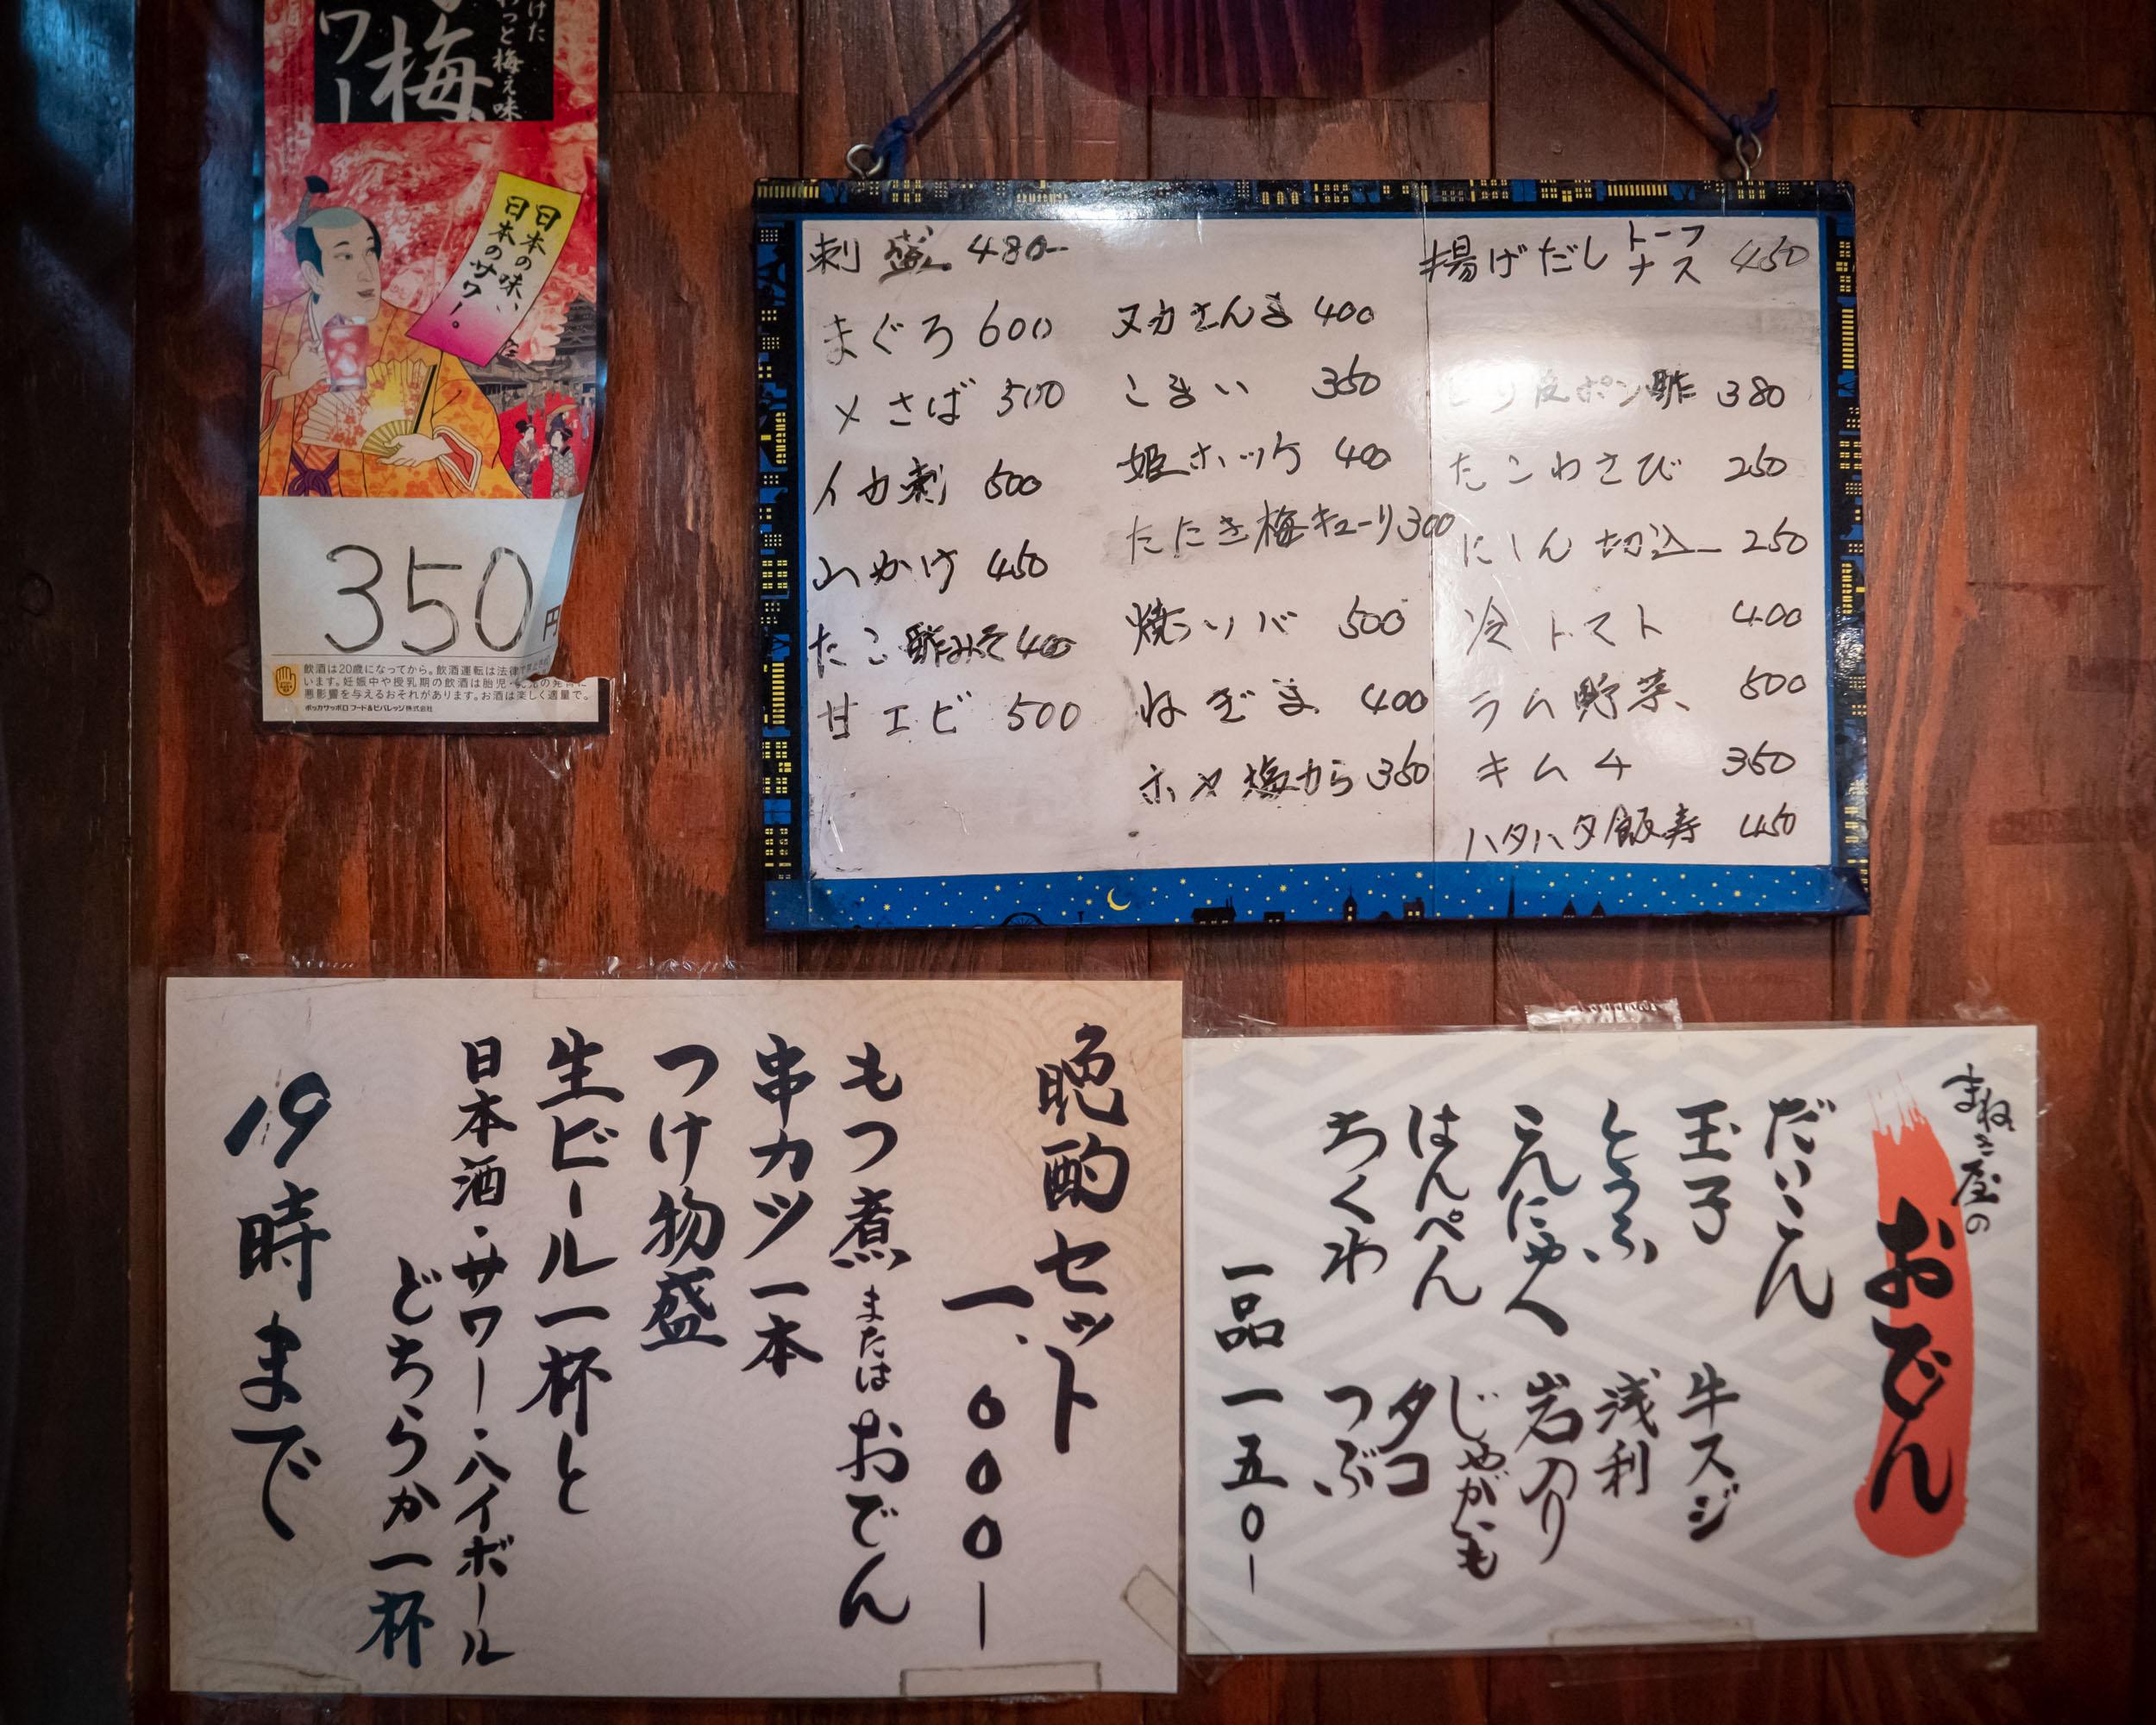 大衆酒場まねき屋本店 壁に貼られたのお品書き DMC-GX8 + LEICA DG 12-60mm